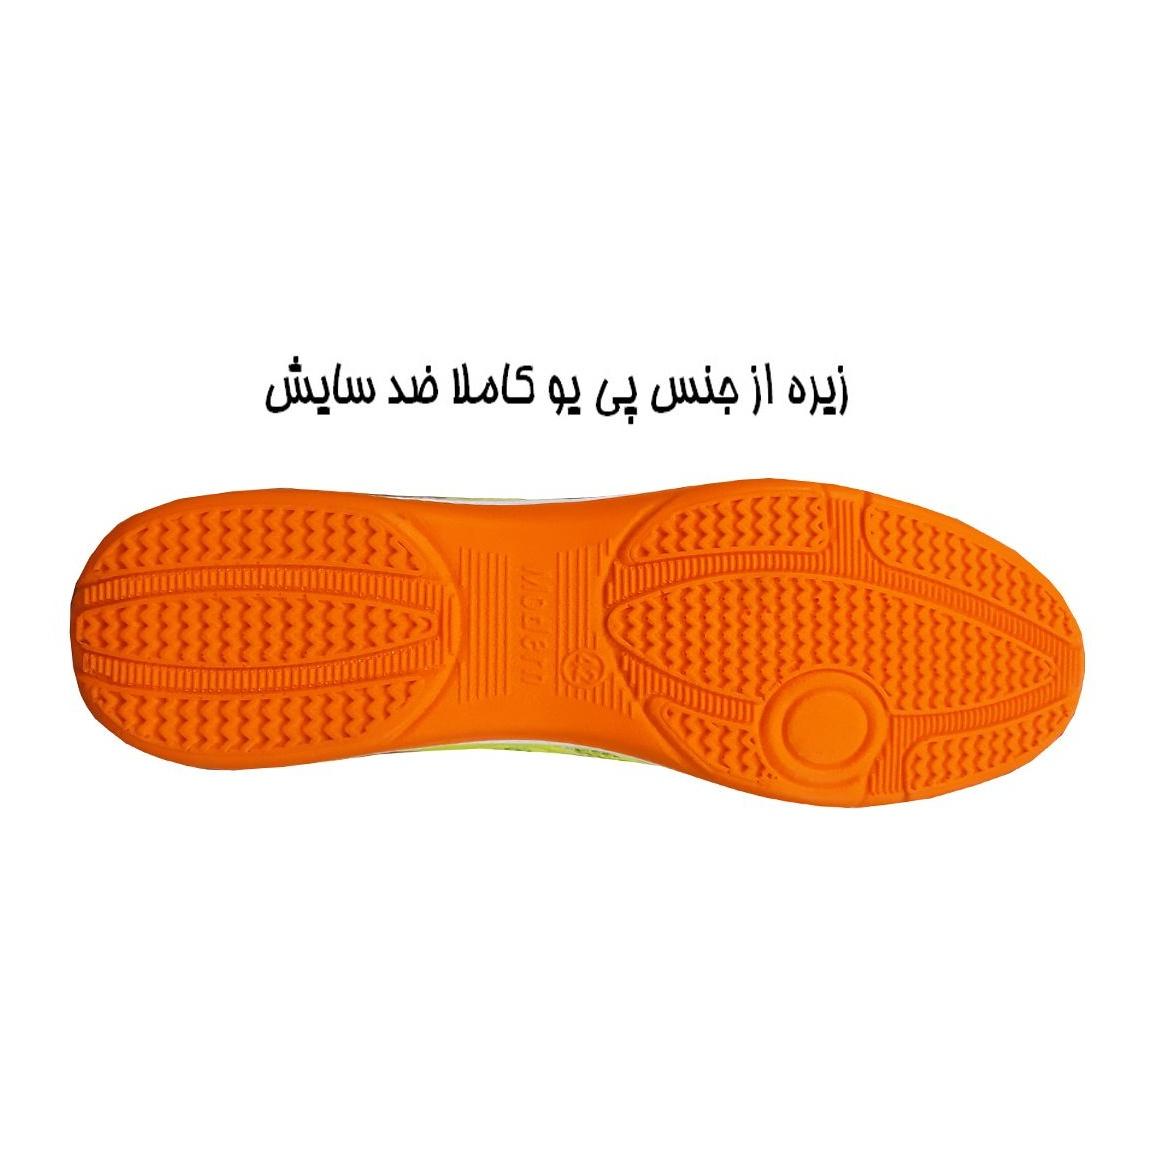 خرید                      کفش فوتسال مردانه مدرن مدل SALAMOD